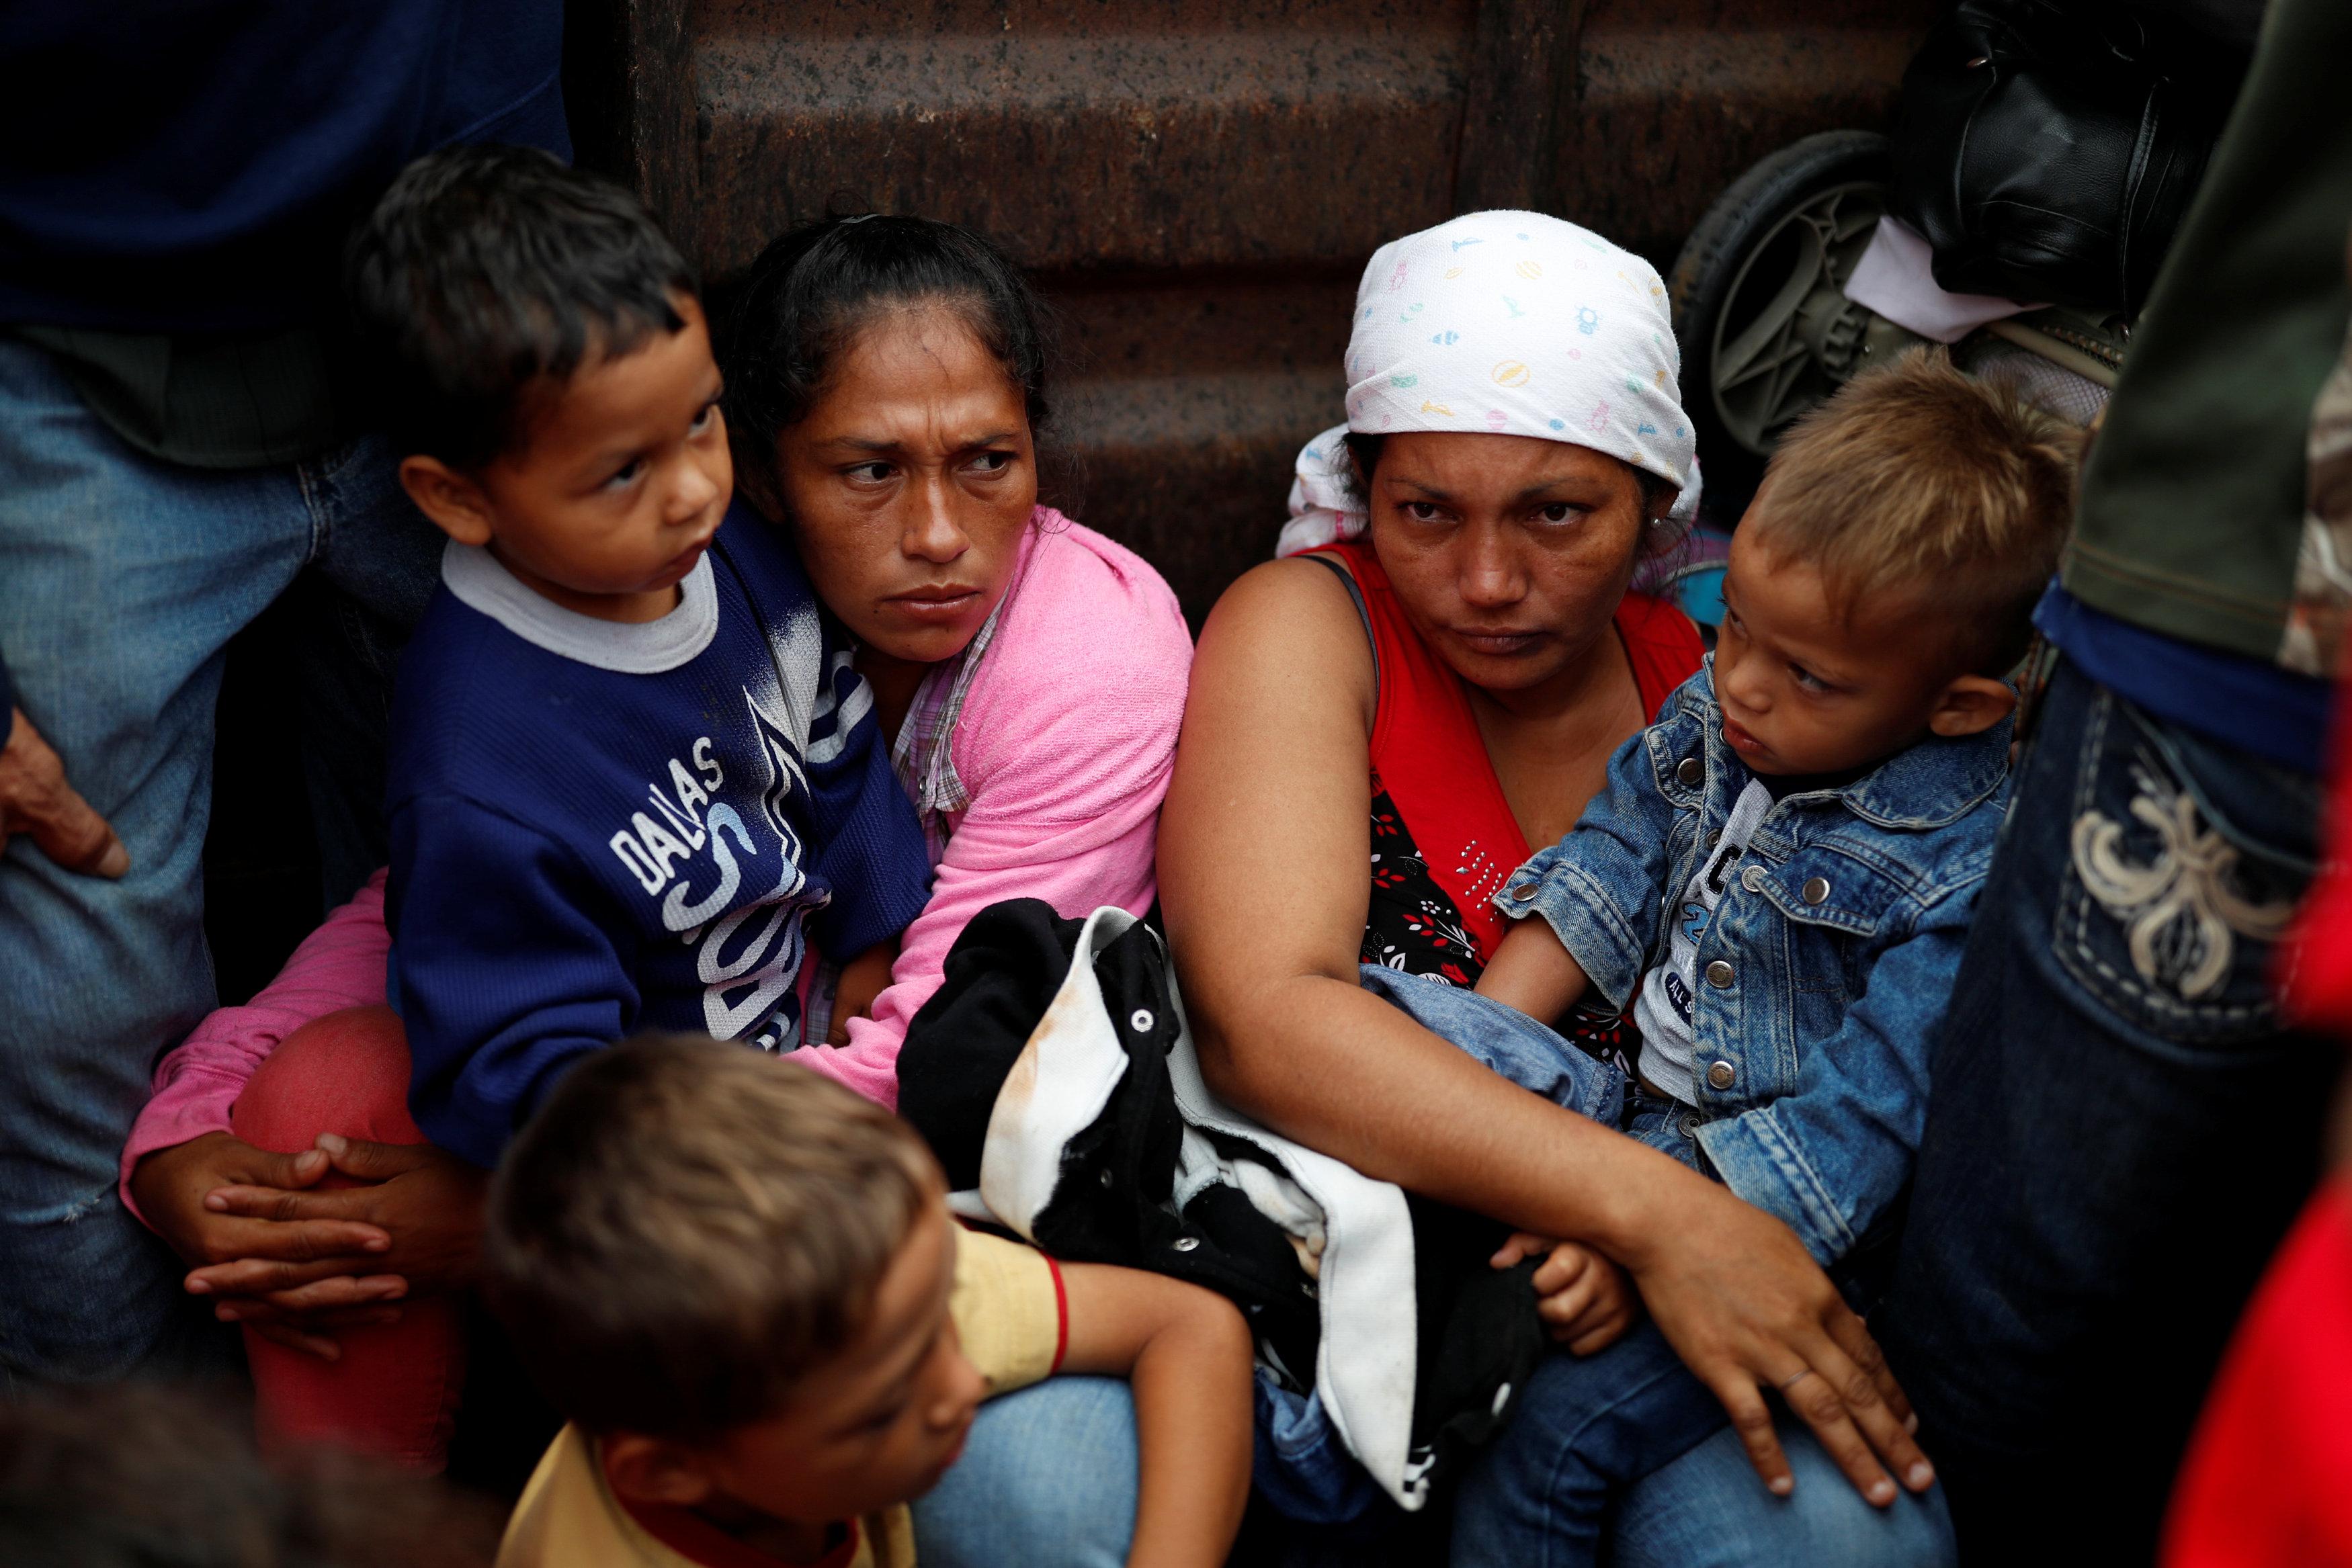 قافلة المهاجرين تواصل تقدمها تجاه أمريكا (4)